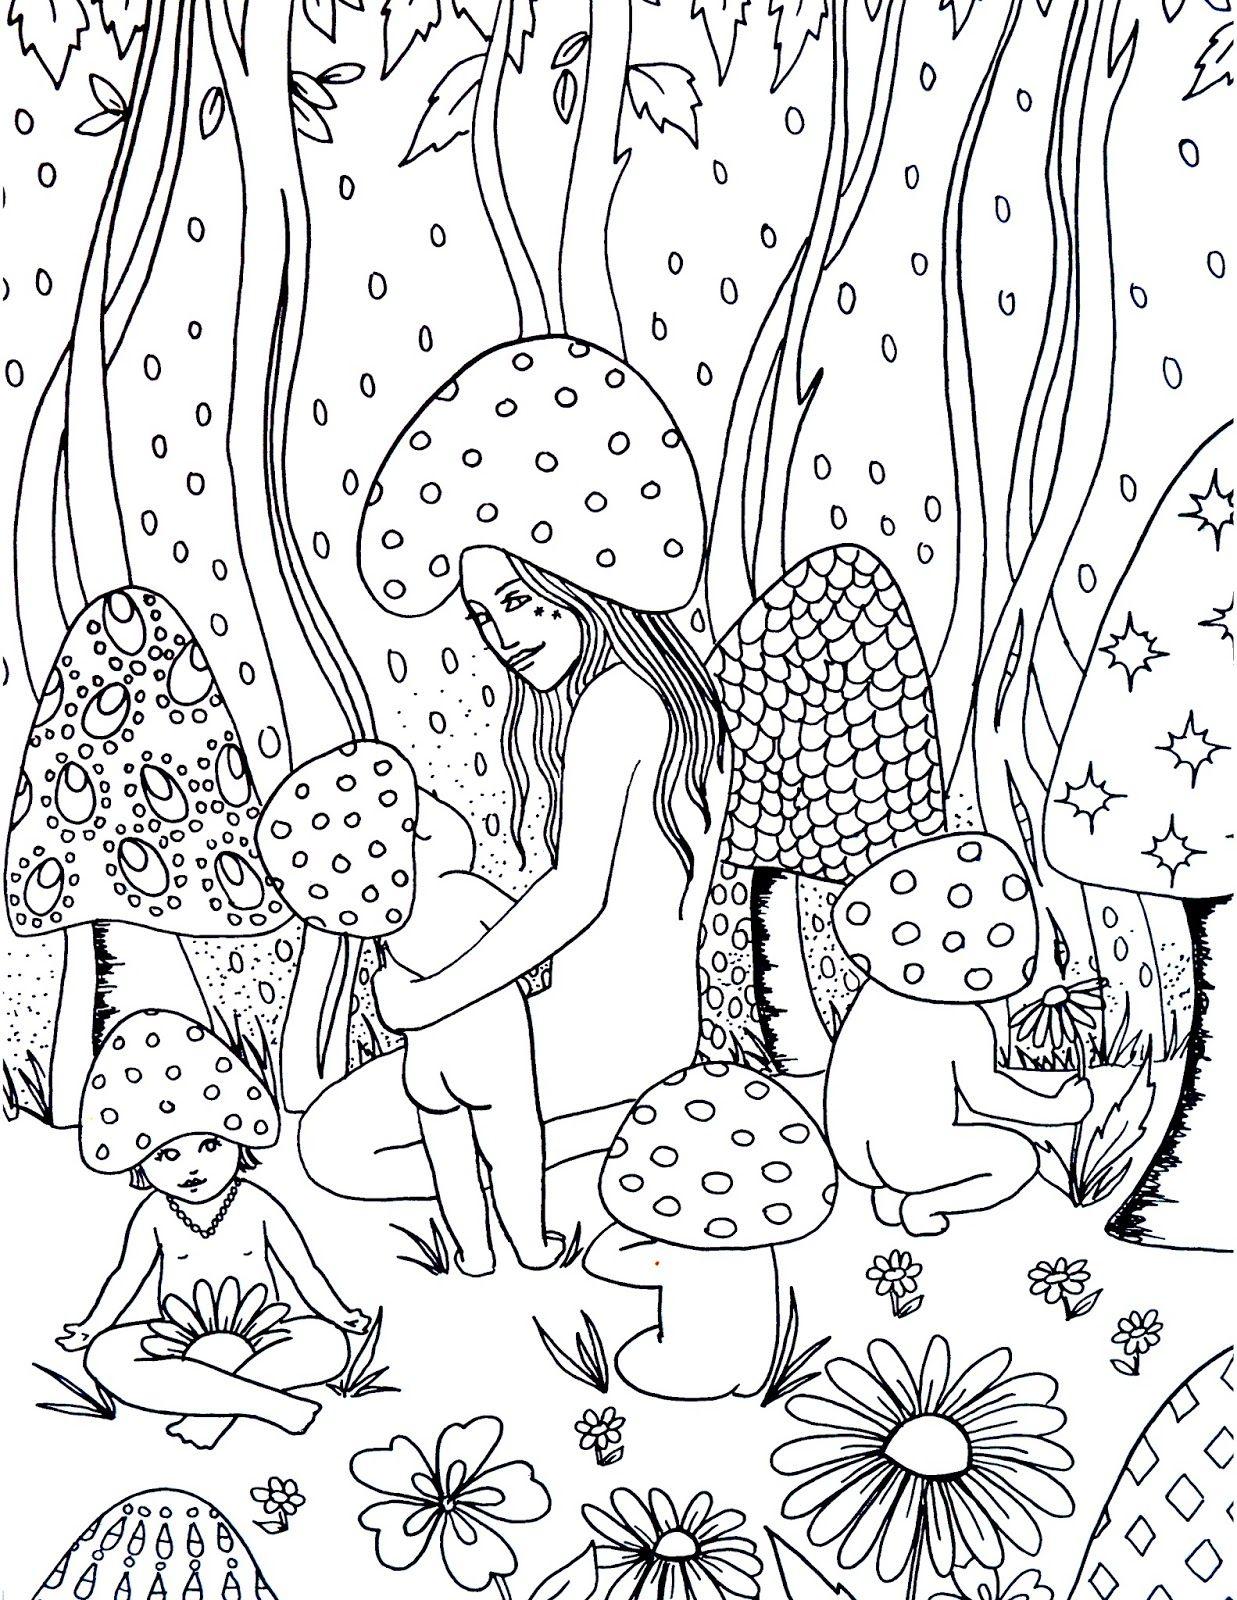 Spirit Sol Mushroom Magic Coloring Page Coloring Pages Swear Word Coloring Book Words Coloring Book